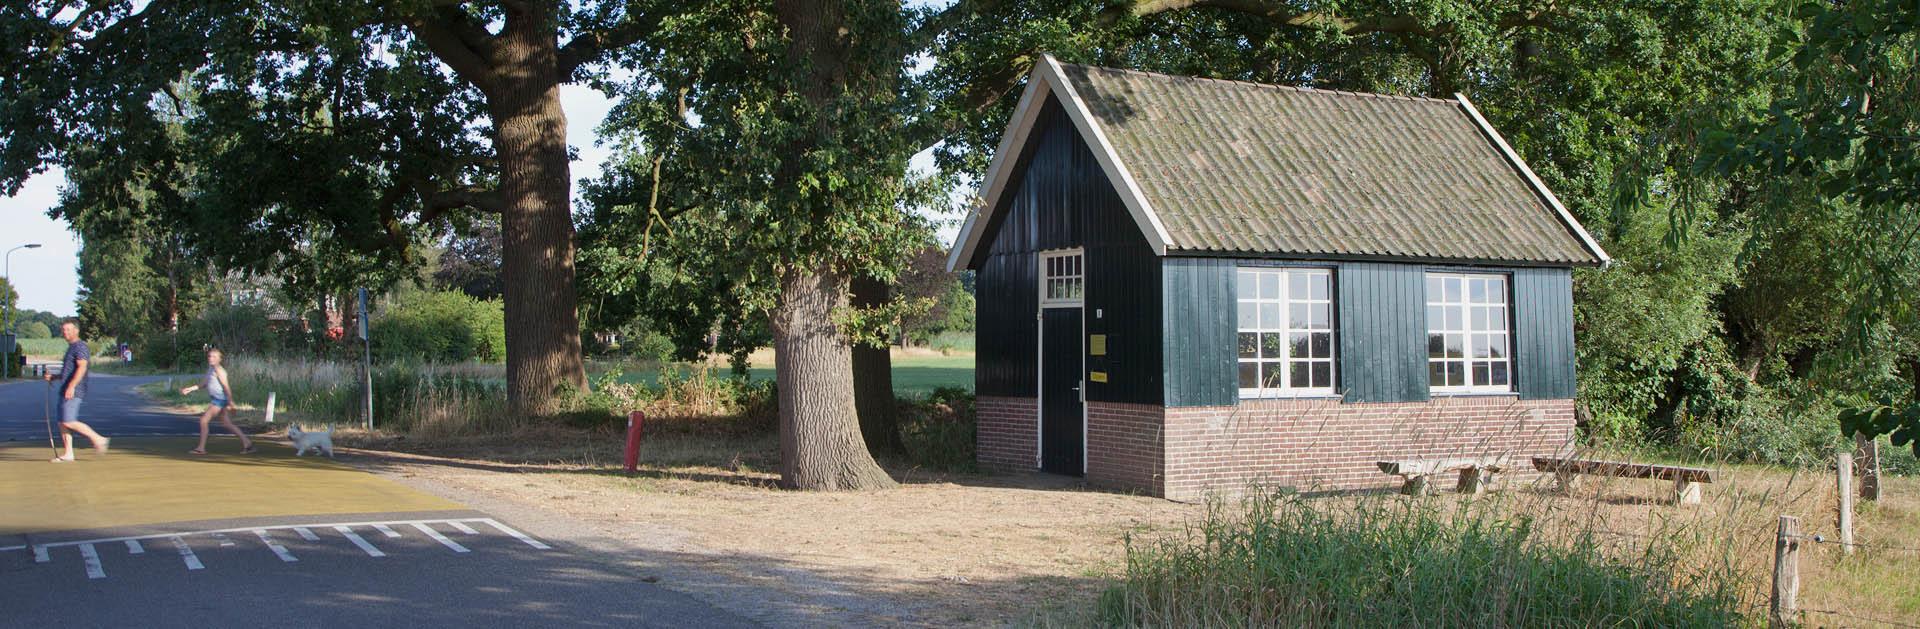 Zondagsschooltje 't Goor - Doetinchem Regio Achterhoek - Liemers